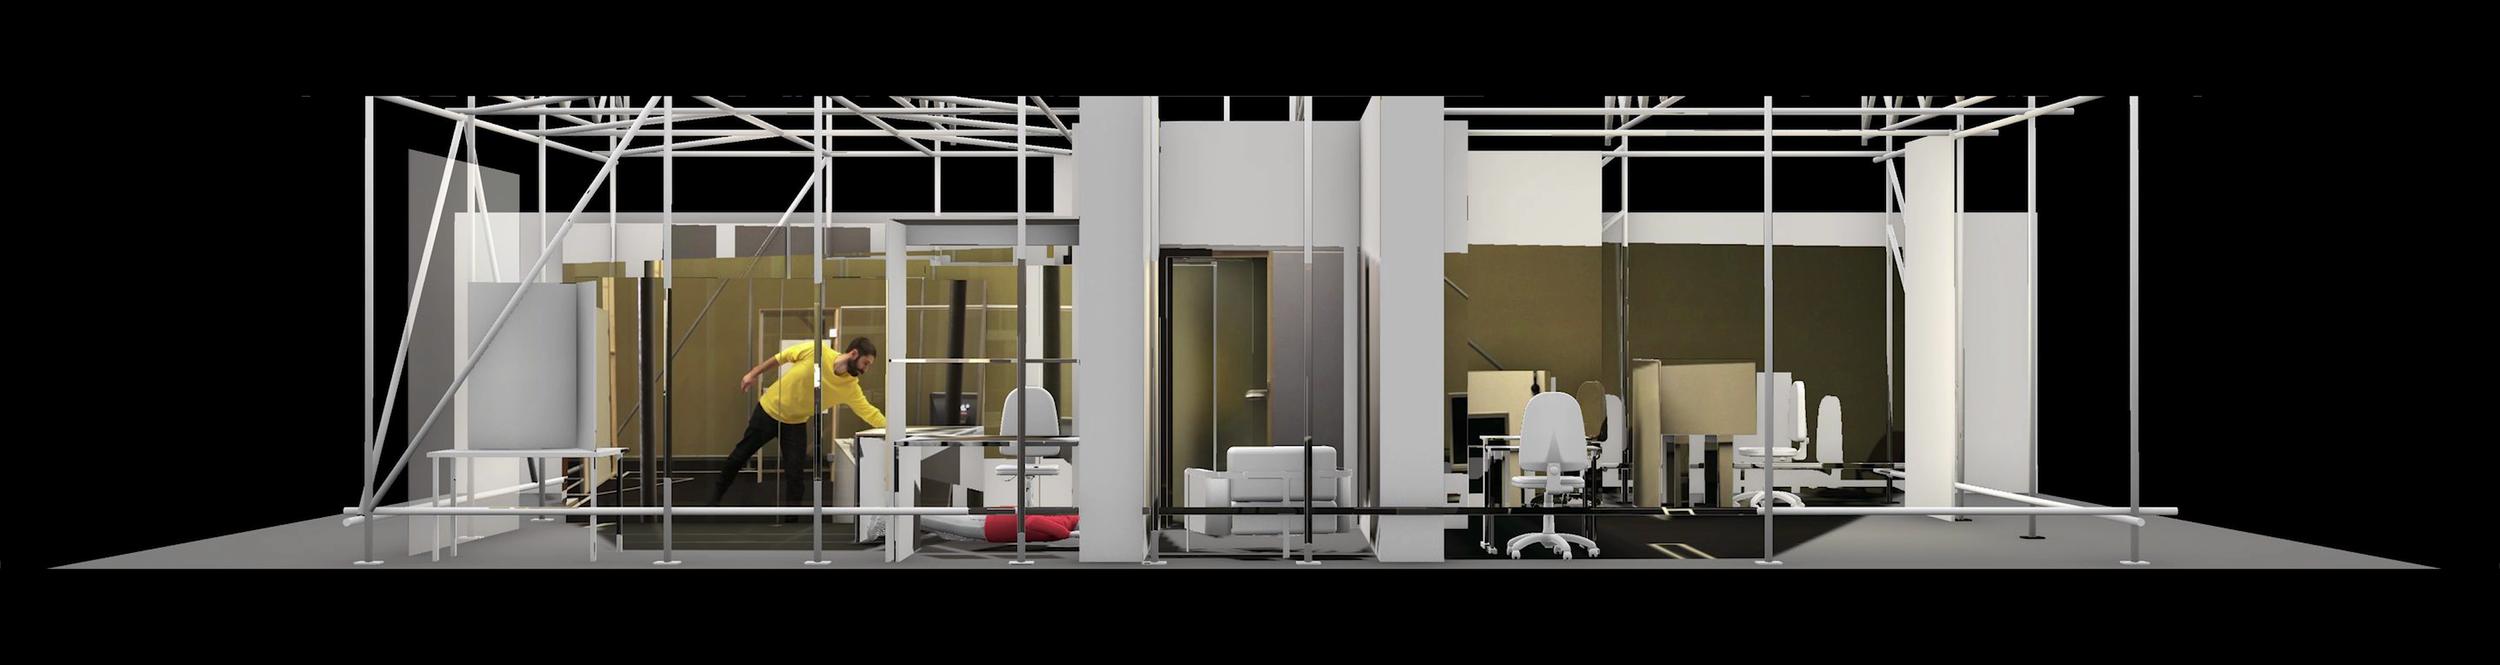 Samengesteld beeld van de fysieke en virtuele reconstructie van 77sqm_926min. Forensic Architecture, 2017. (Volledige Engelse omschrijving: zie noot voor de redactie)